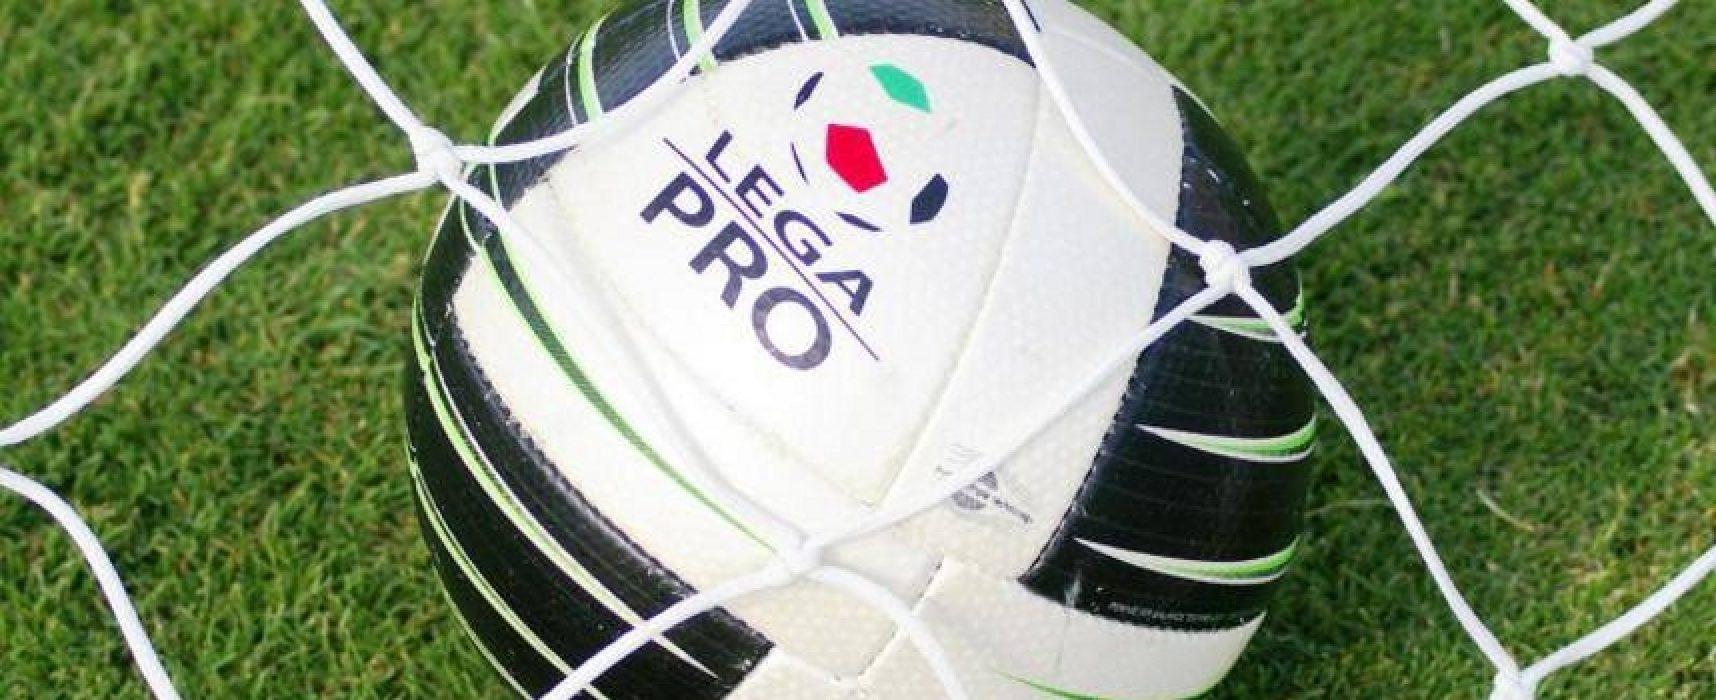 Calcio: nessuno sciopero in Serie C, ripescata la Vibonese nel girone del Bisceglie Calcio